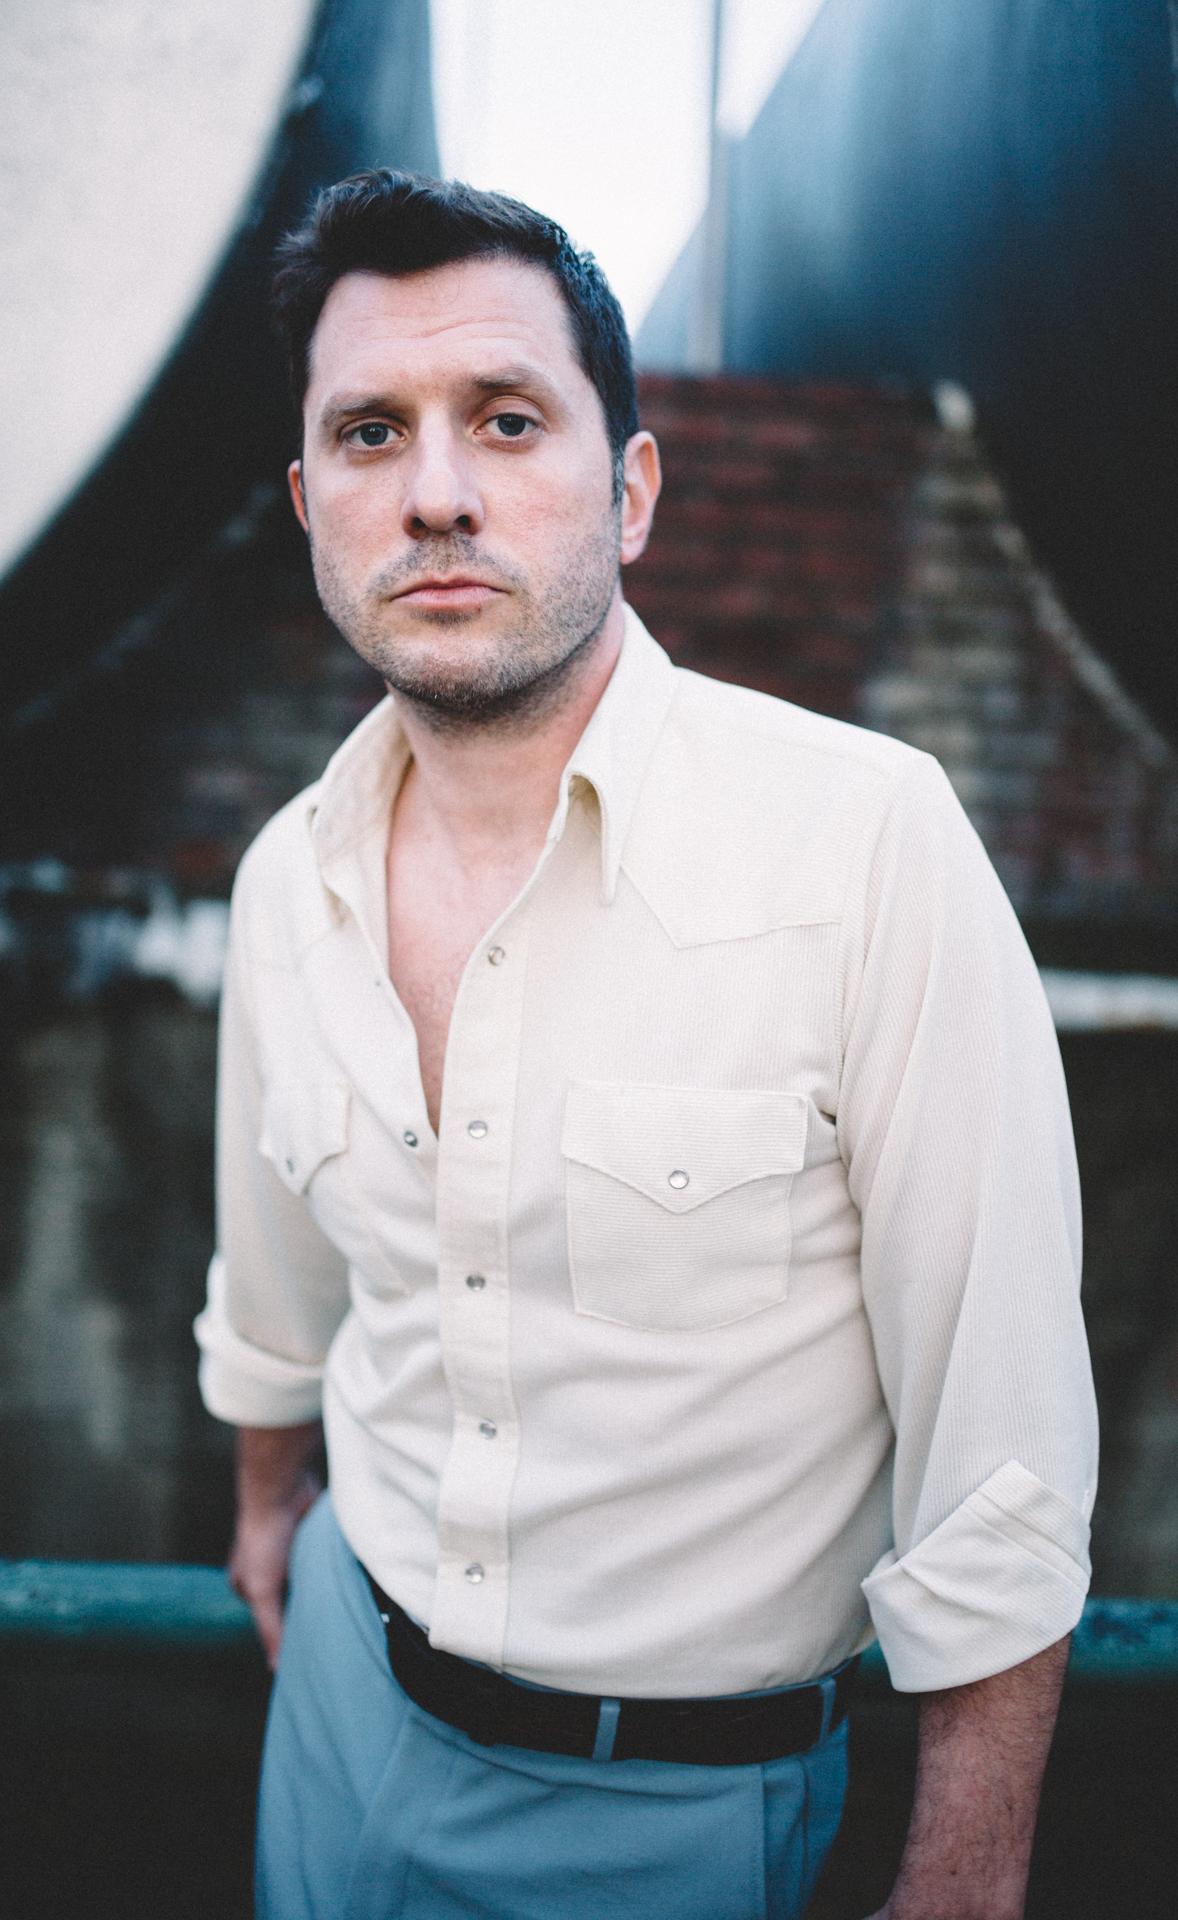 Jason-kutchma-musician-photography-63.jpg